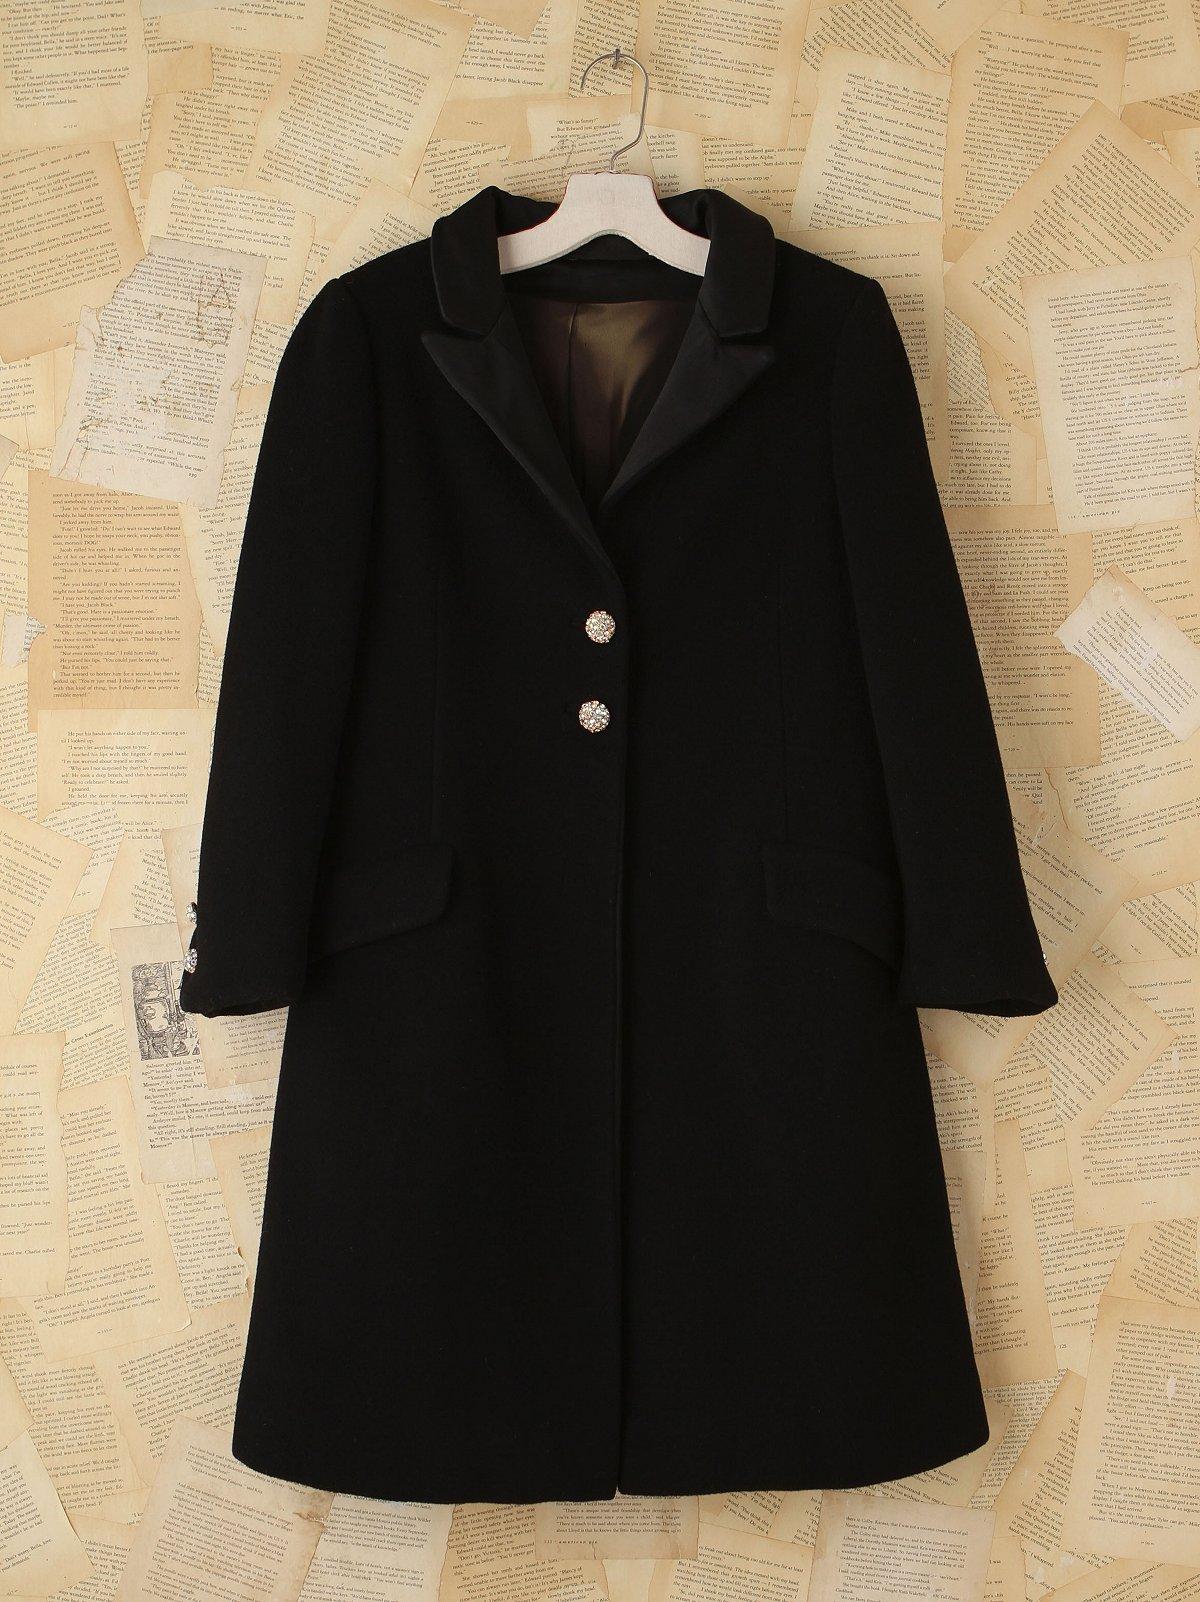 Vintage Top Coat